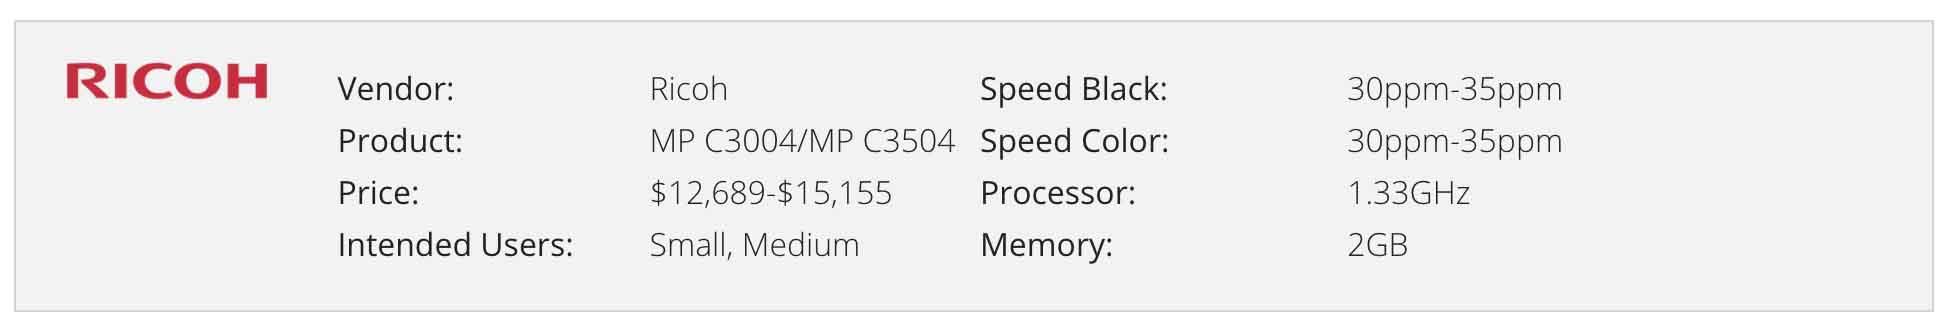 RICOH MP C4504